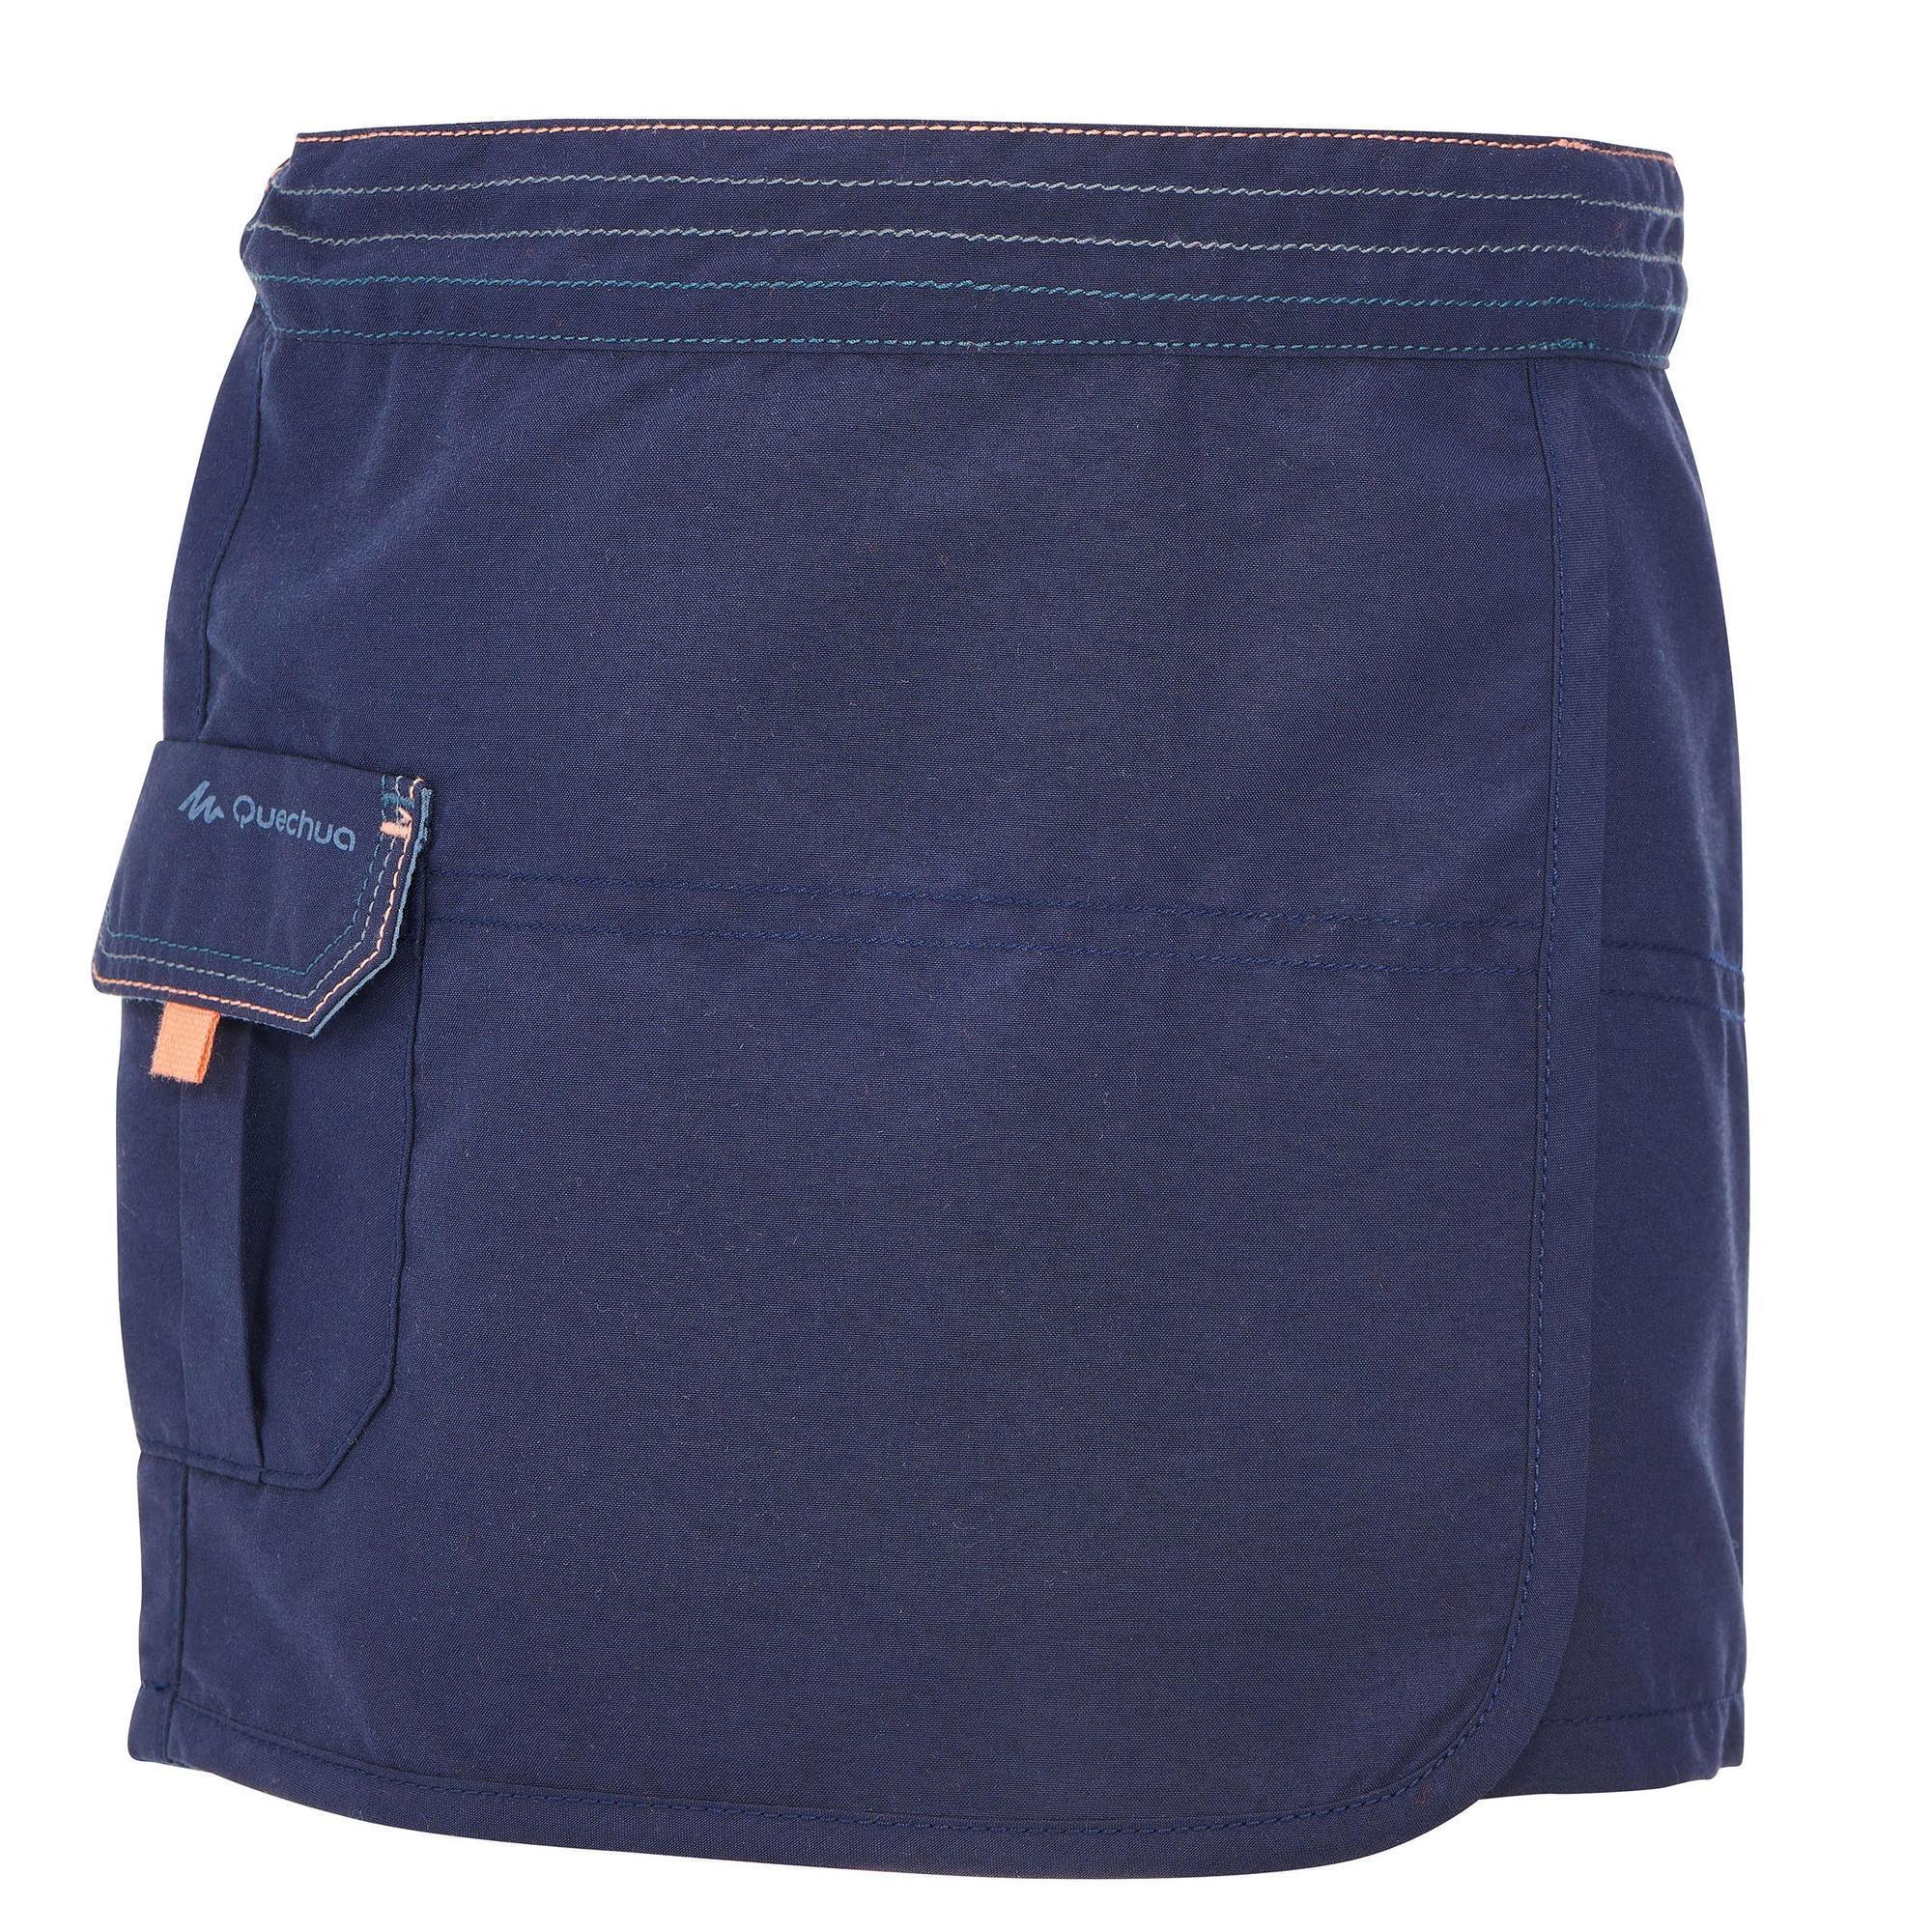 3f3bb95b5 Comprar Faldas deportivas para niñas de 5 a 14 años online| Decathlon